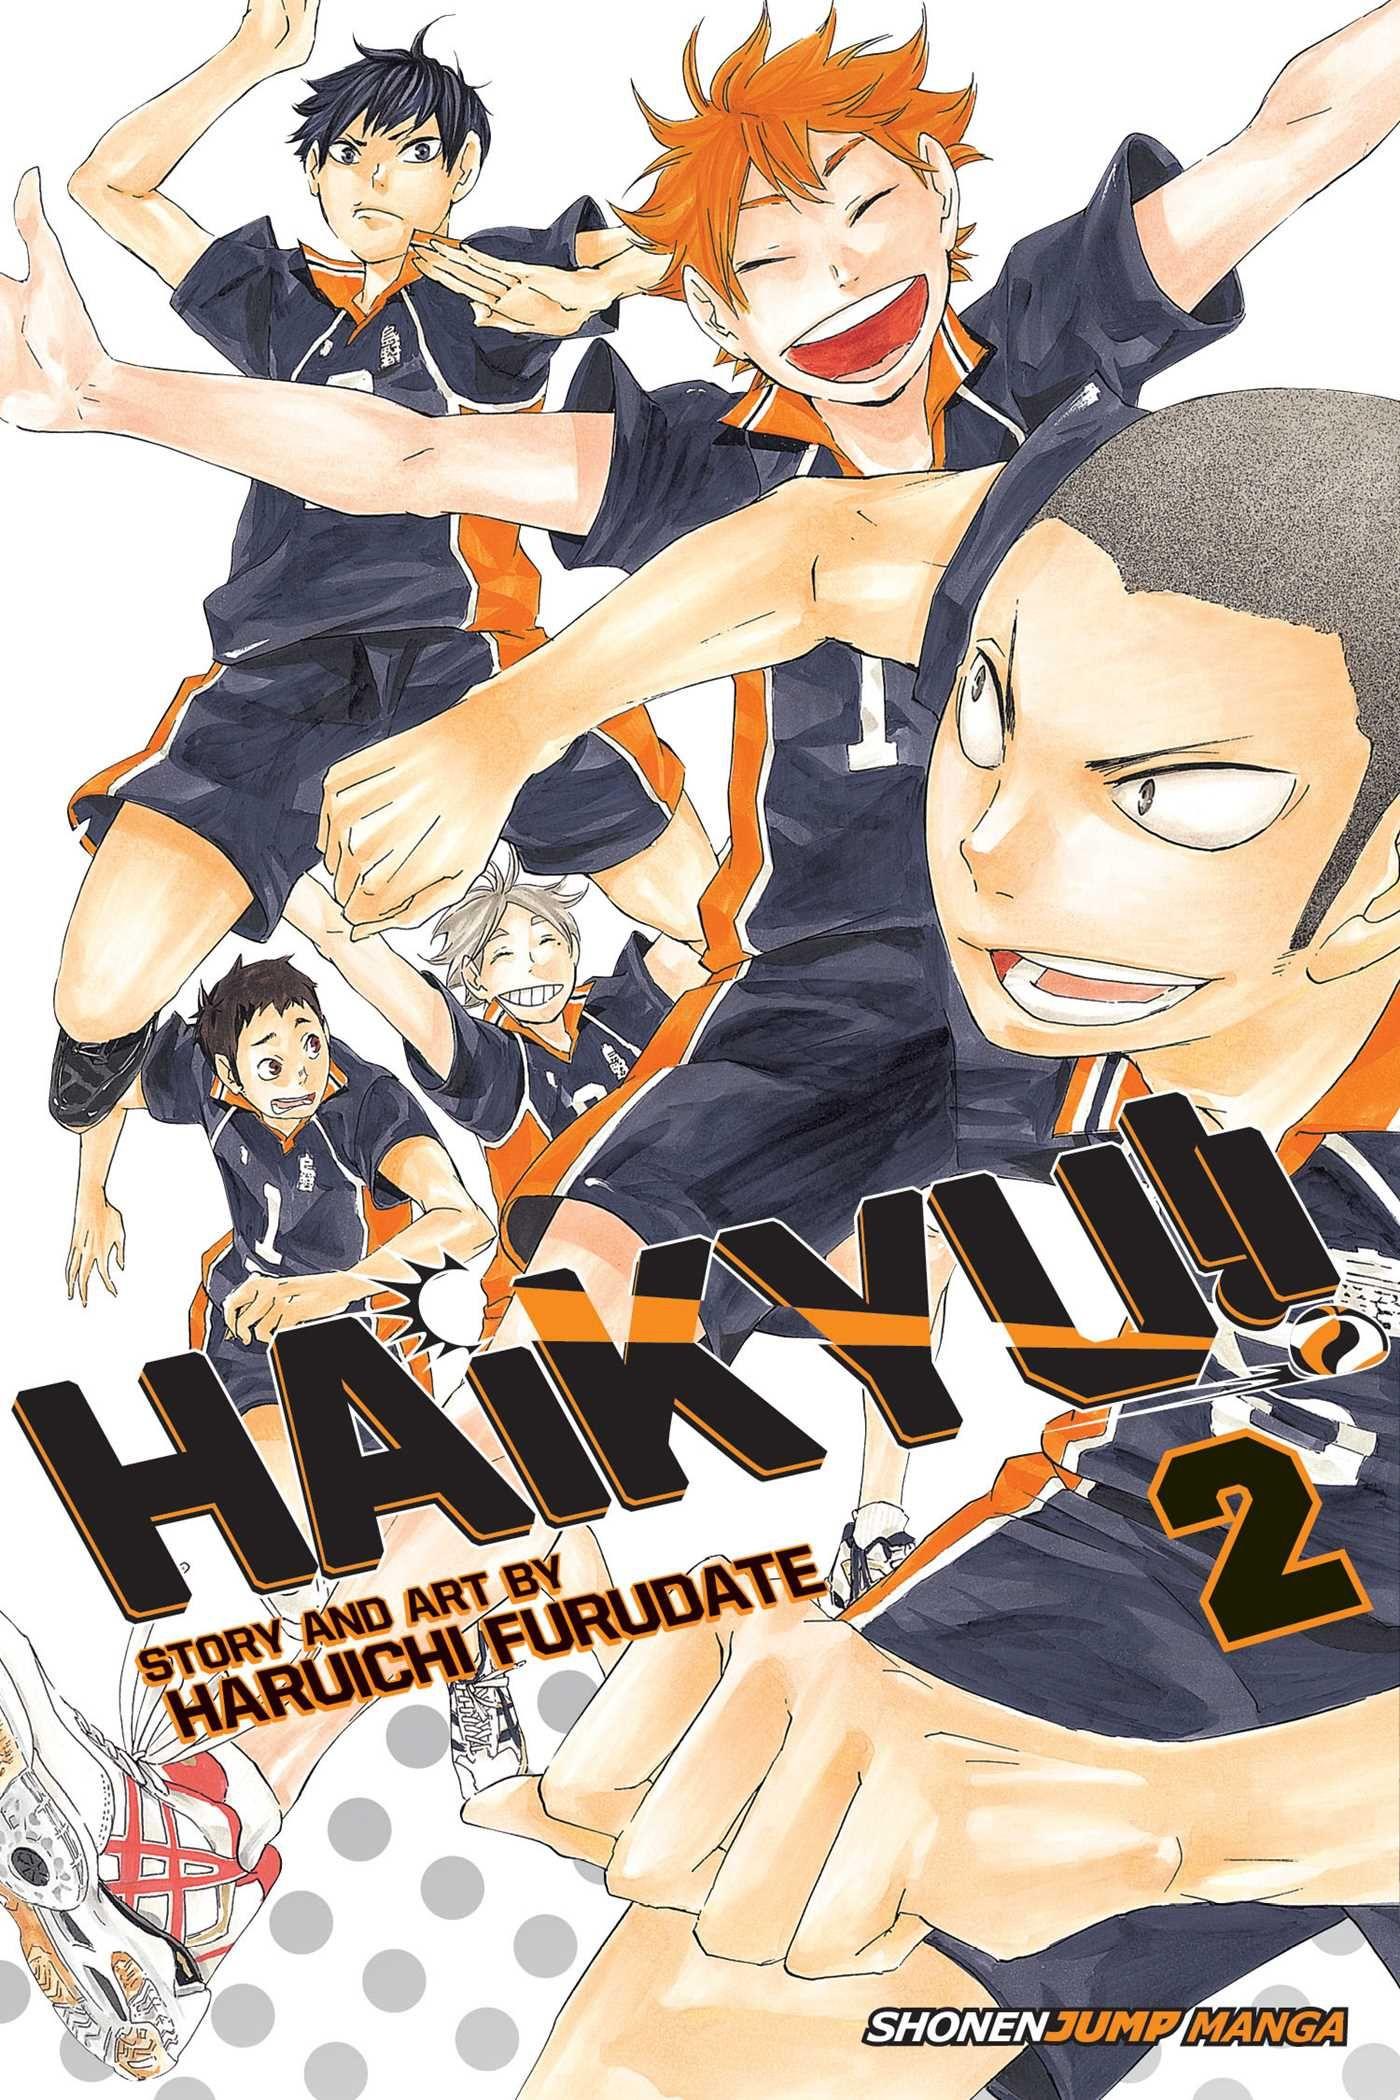 About Haikyu Manga Volume 2 Haikyu Volume 2 Features Story And Art By Haruichi Furudate Ever Since He Saw The Legendary Player In 2020 Haikyu Manga Books Haikyuu